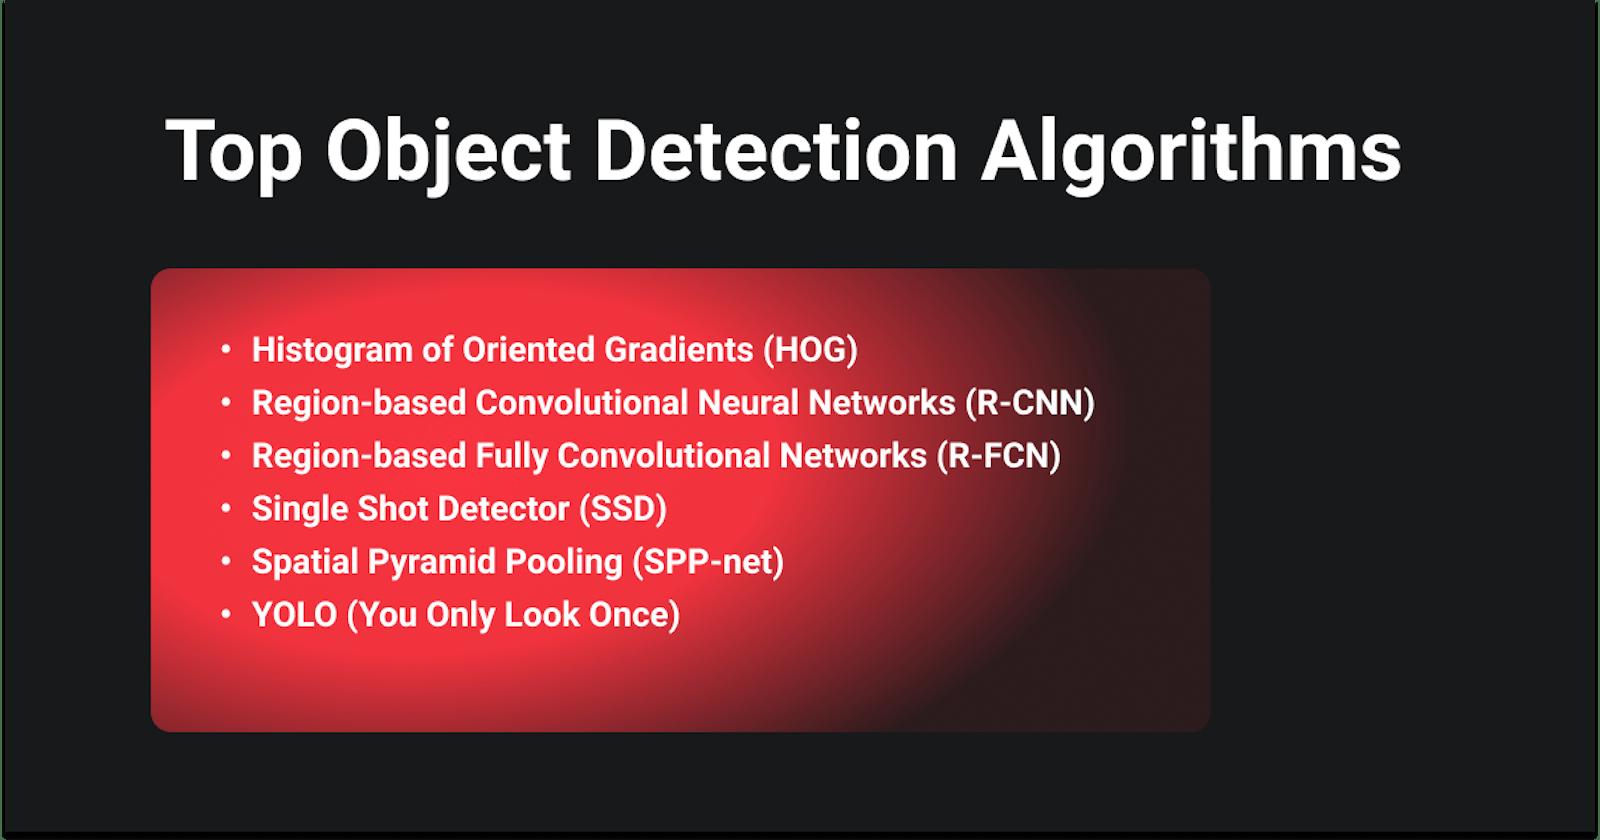 Top Object Detection Algorithms